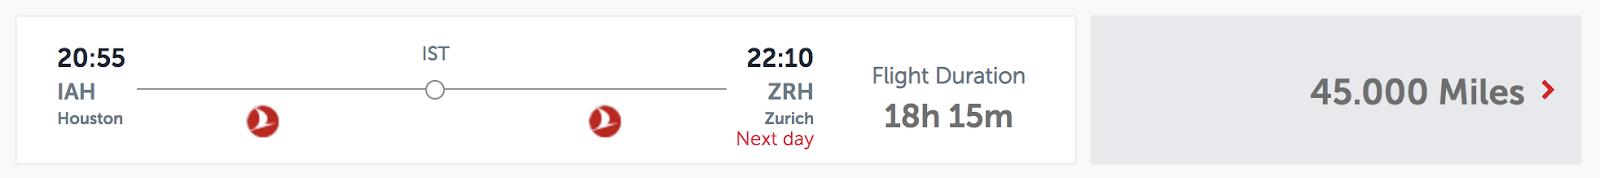 Flight from Houston to Zurich